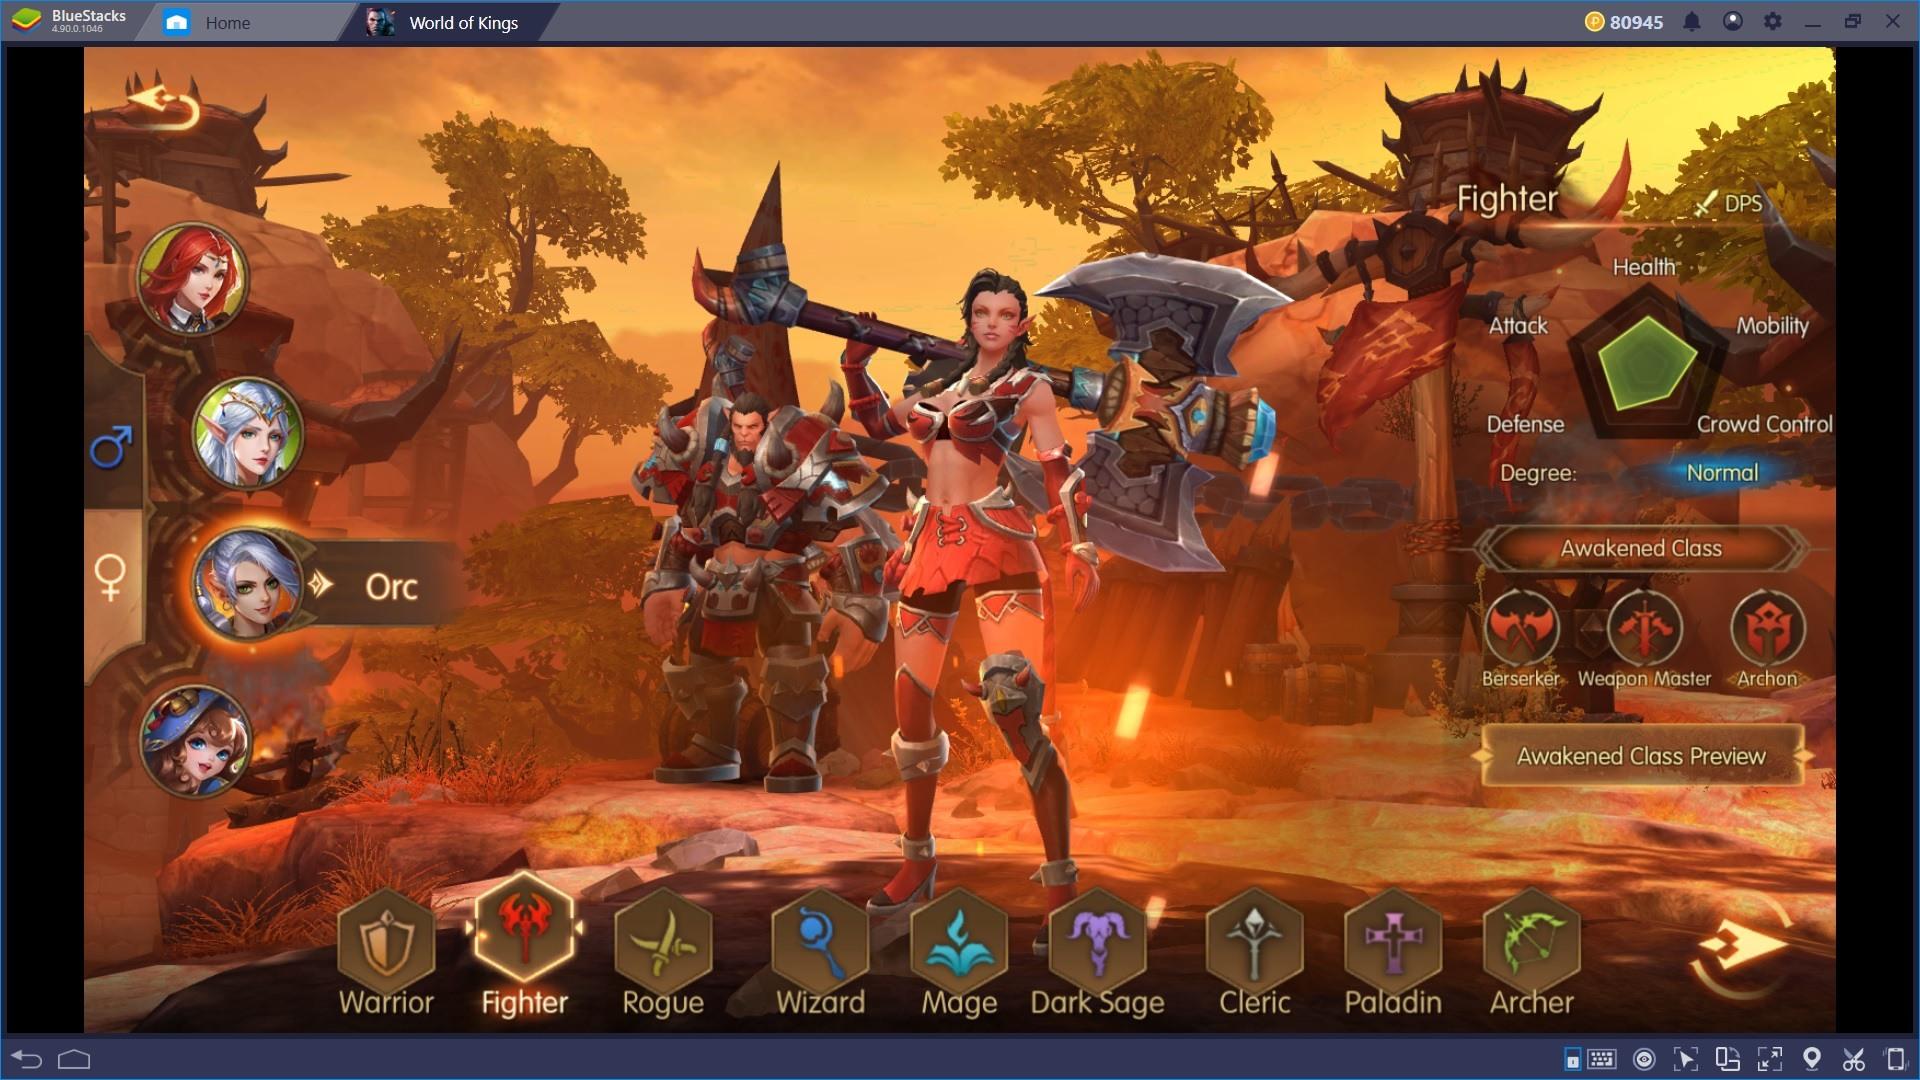 Gioca a World of Kings, il nuovo ambizioso MMORPG e sfrutta tutti i vantaggi di Bluestacks!